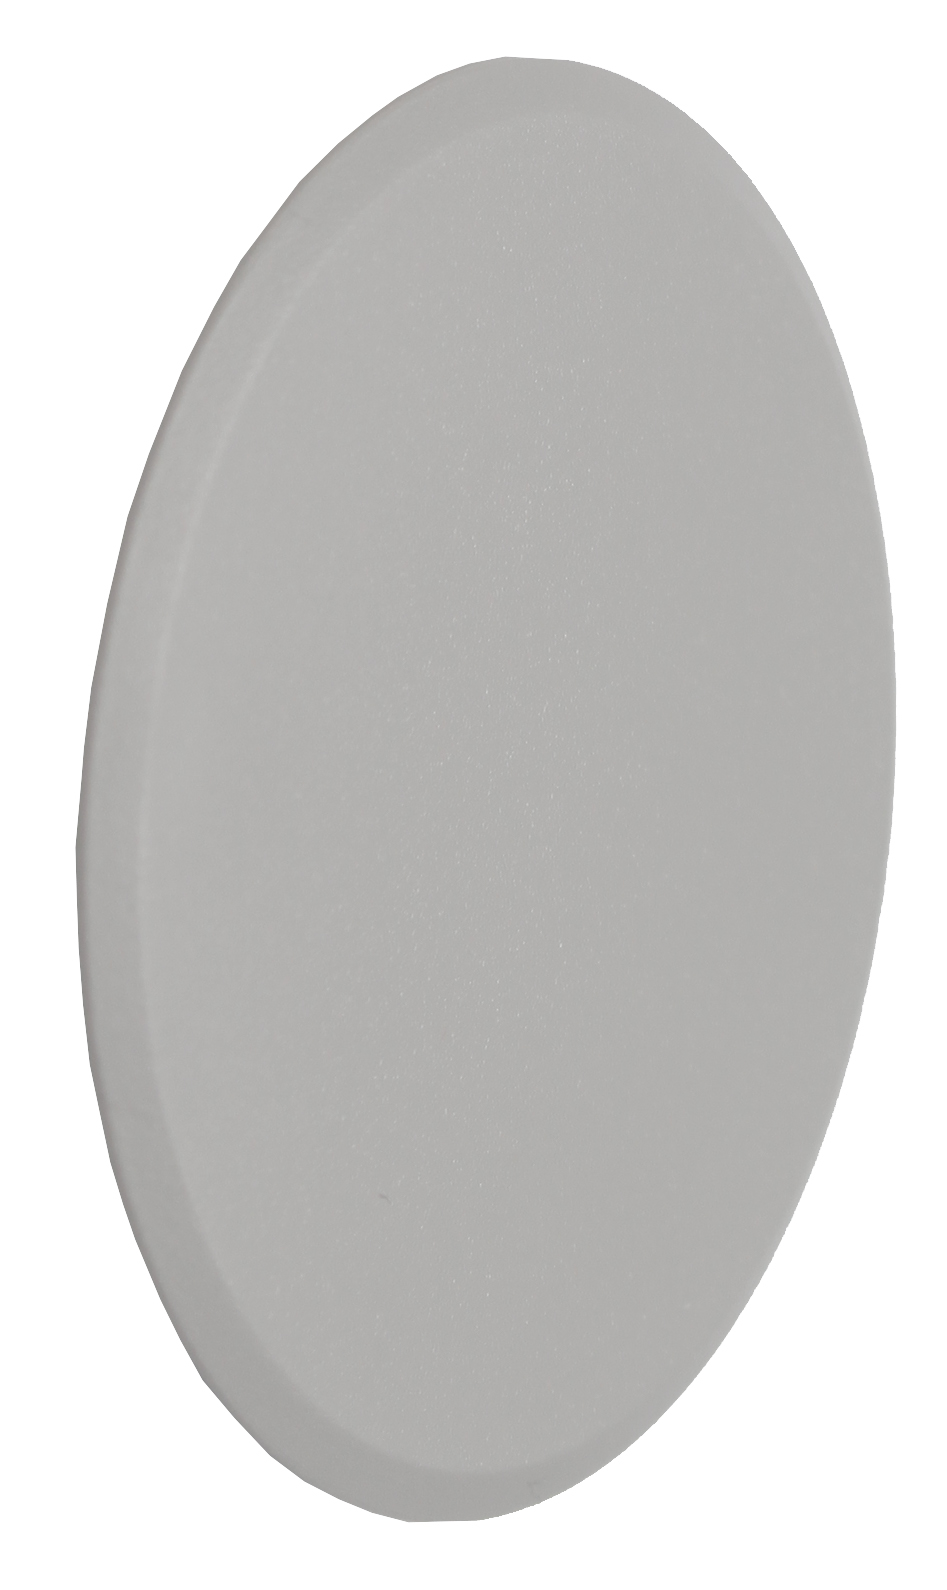 1 Stk preLink/fixLink Seitenabdeckung für Hutschienen-Modulgehäuse HEKRH011GV